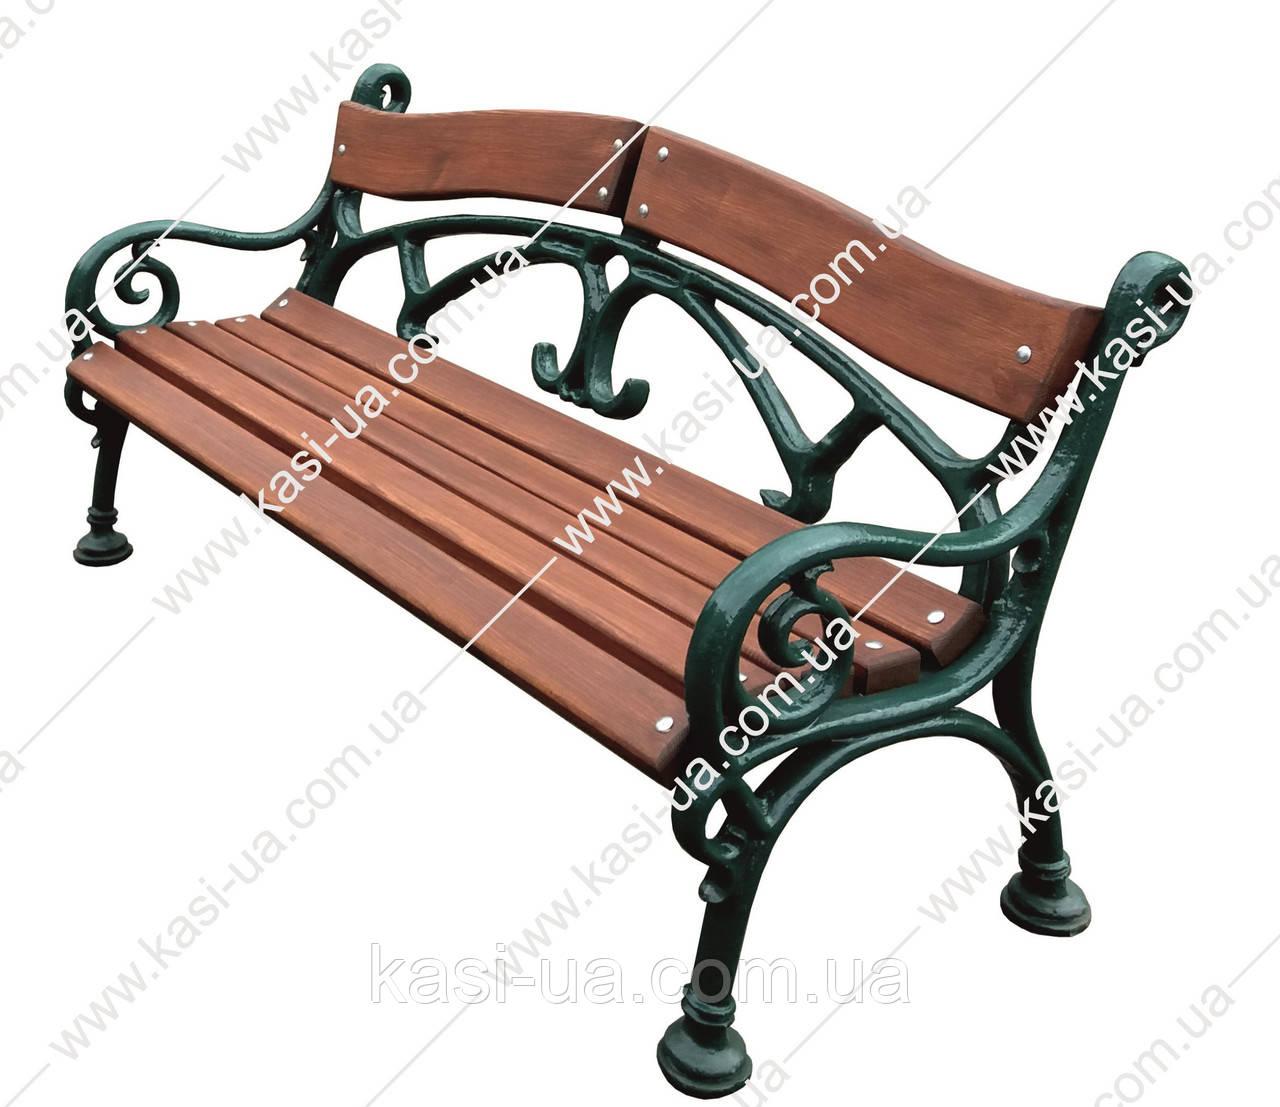 Лавка садово-парковая чугунная со спинкой №17